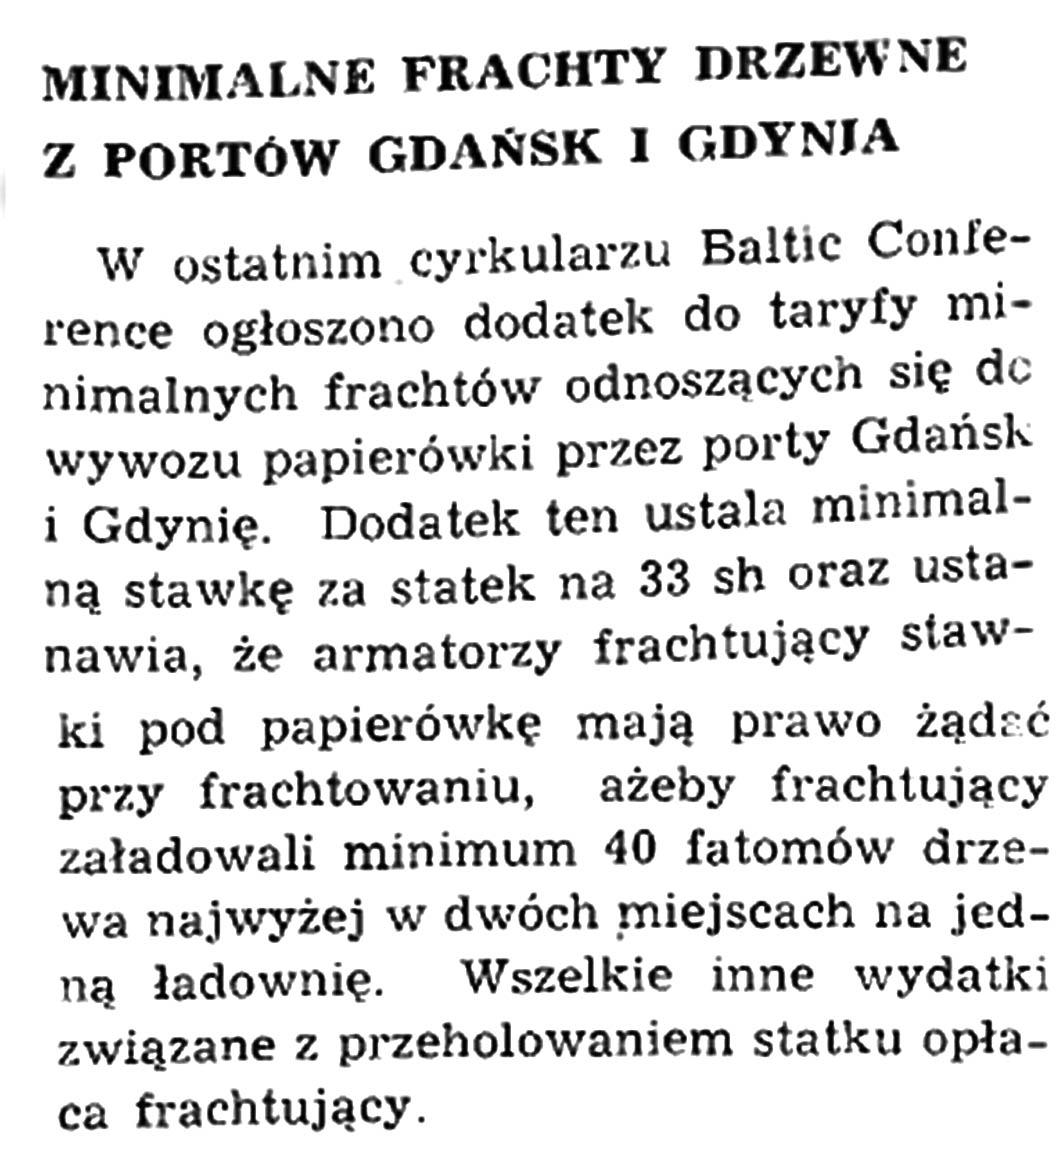 Minimalne frachty drzewne z portów Gdańsk i Gdynia